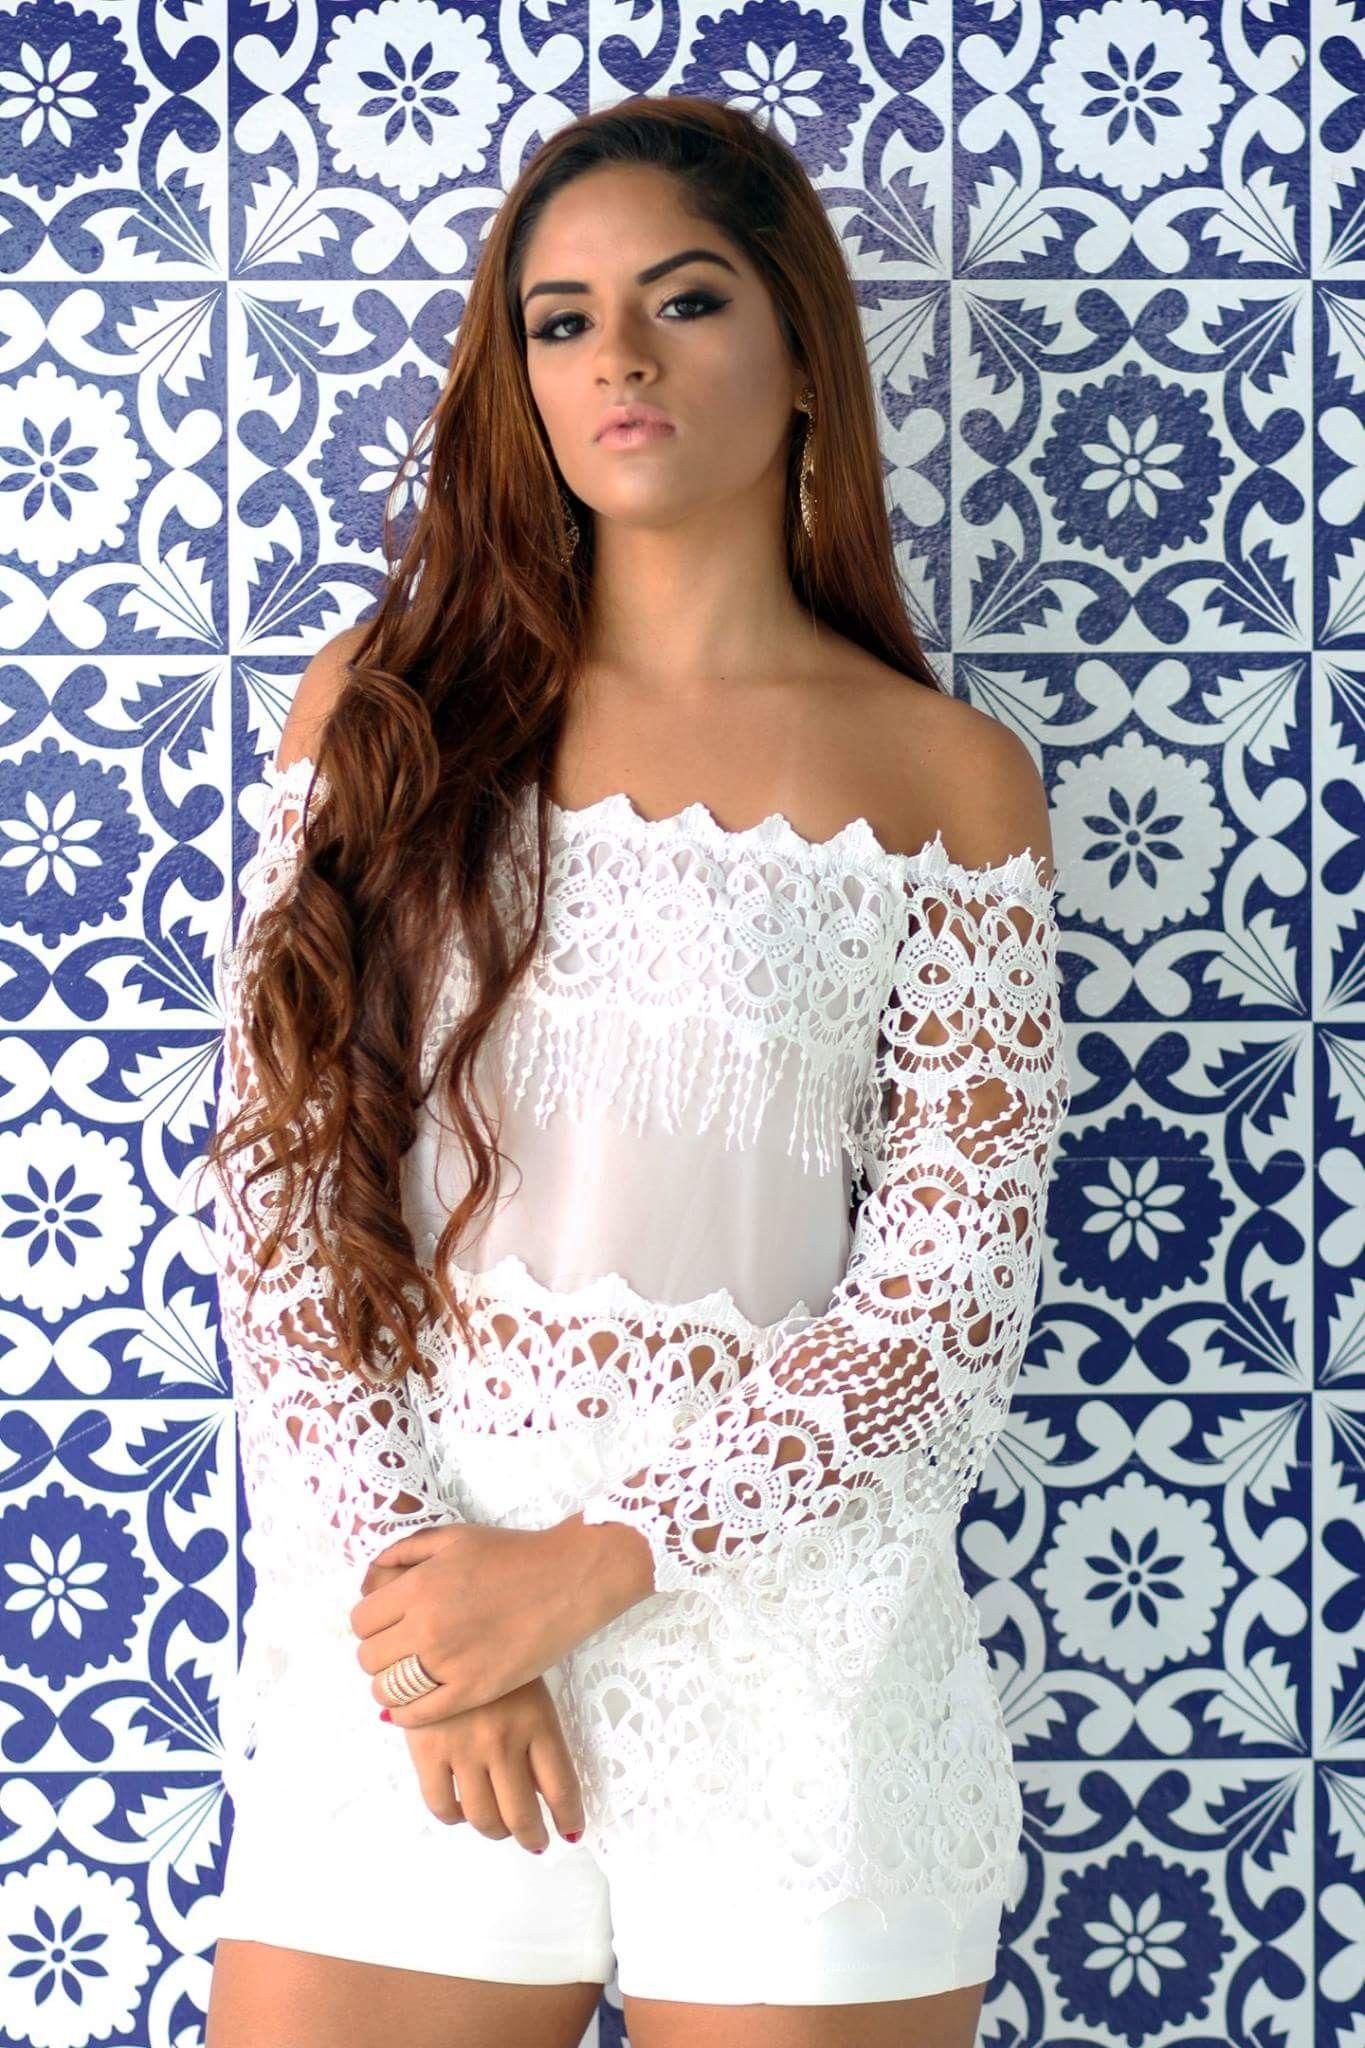 ec26da461 Vestidos Básico · Moda Jovem · Roupas Femininas · Renda · Blusas De Verão